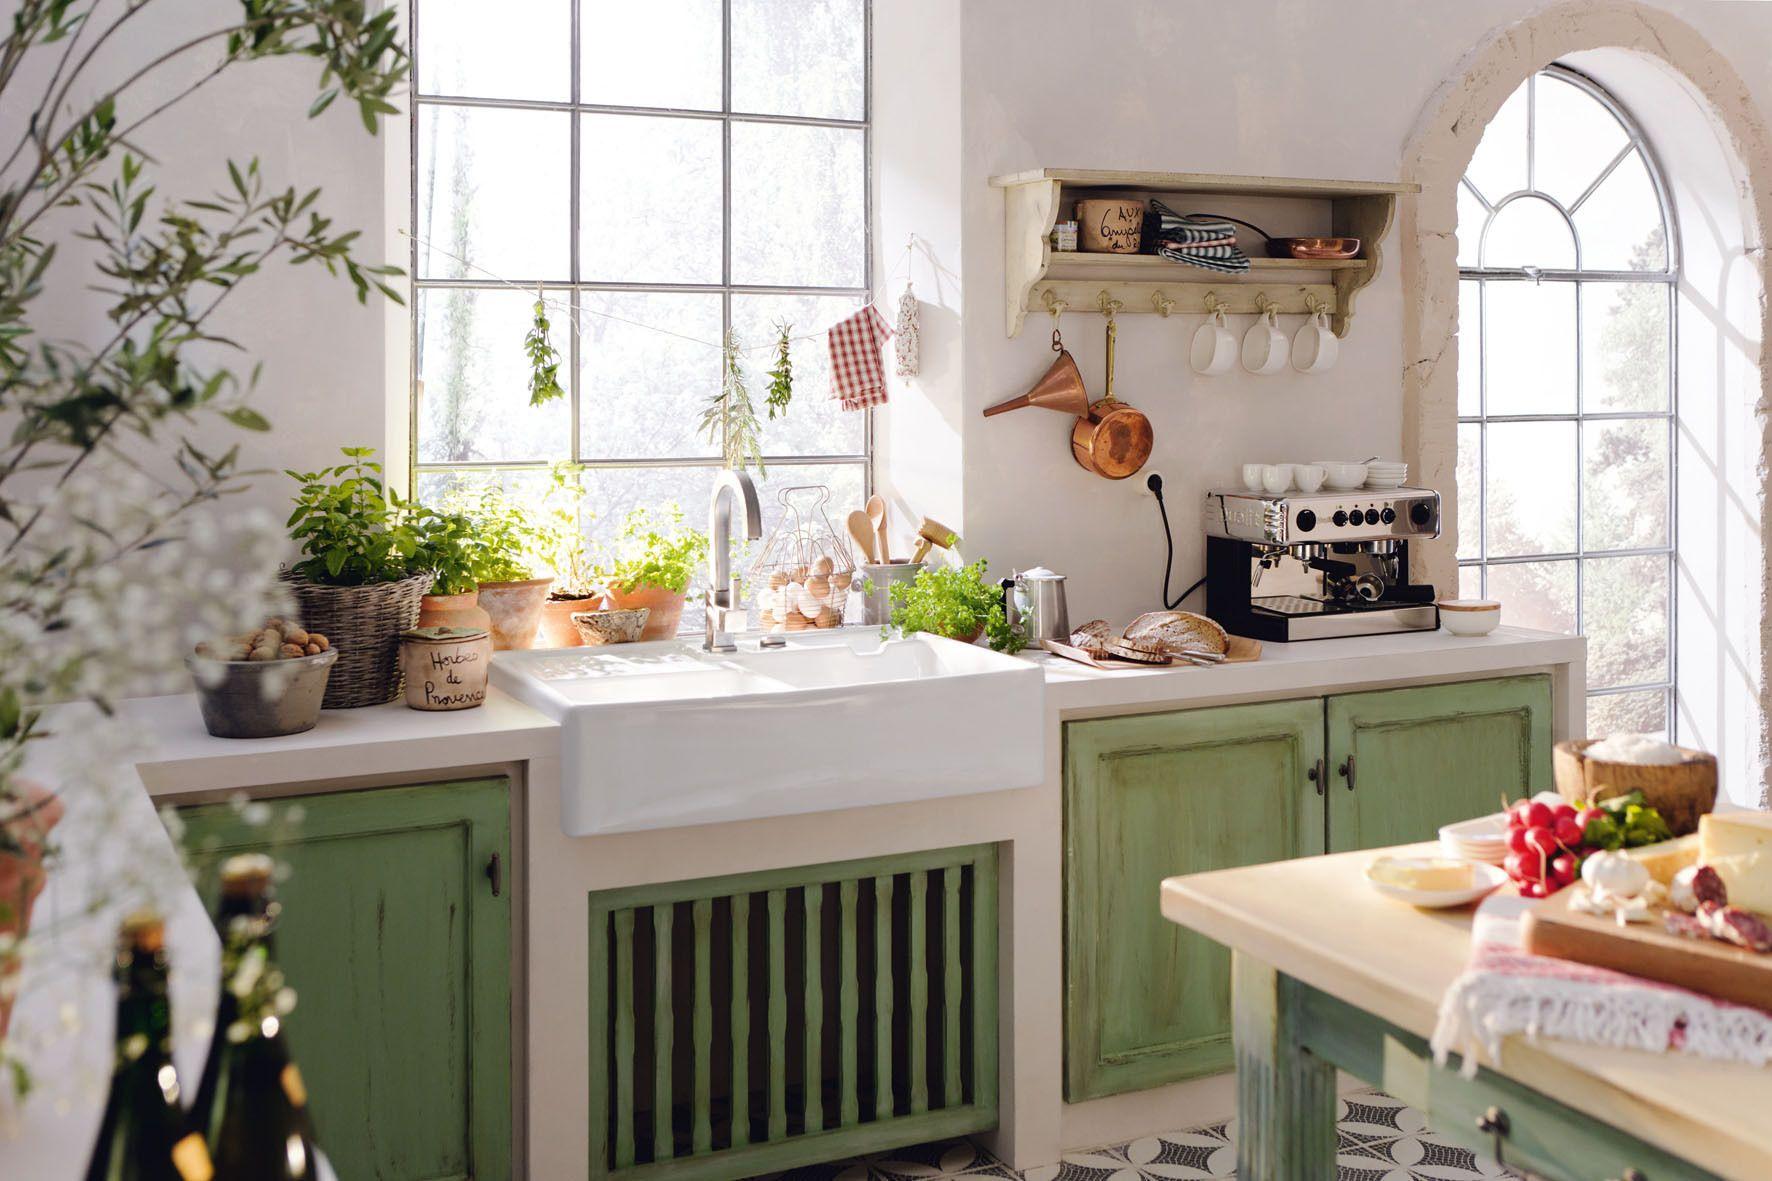 Top Küchenfronten erneuern: Kleiner Aufwand, große Wirkung - bauemotion.de BY35